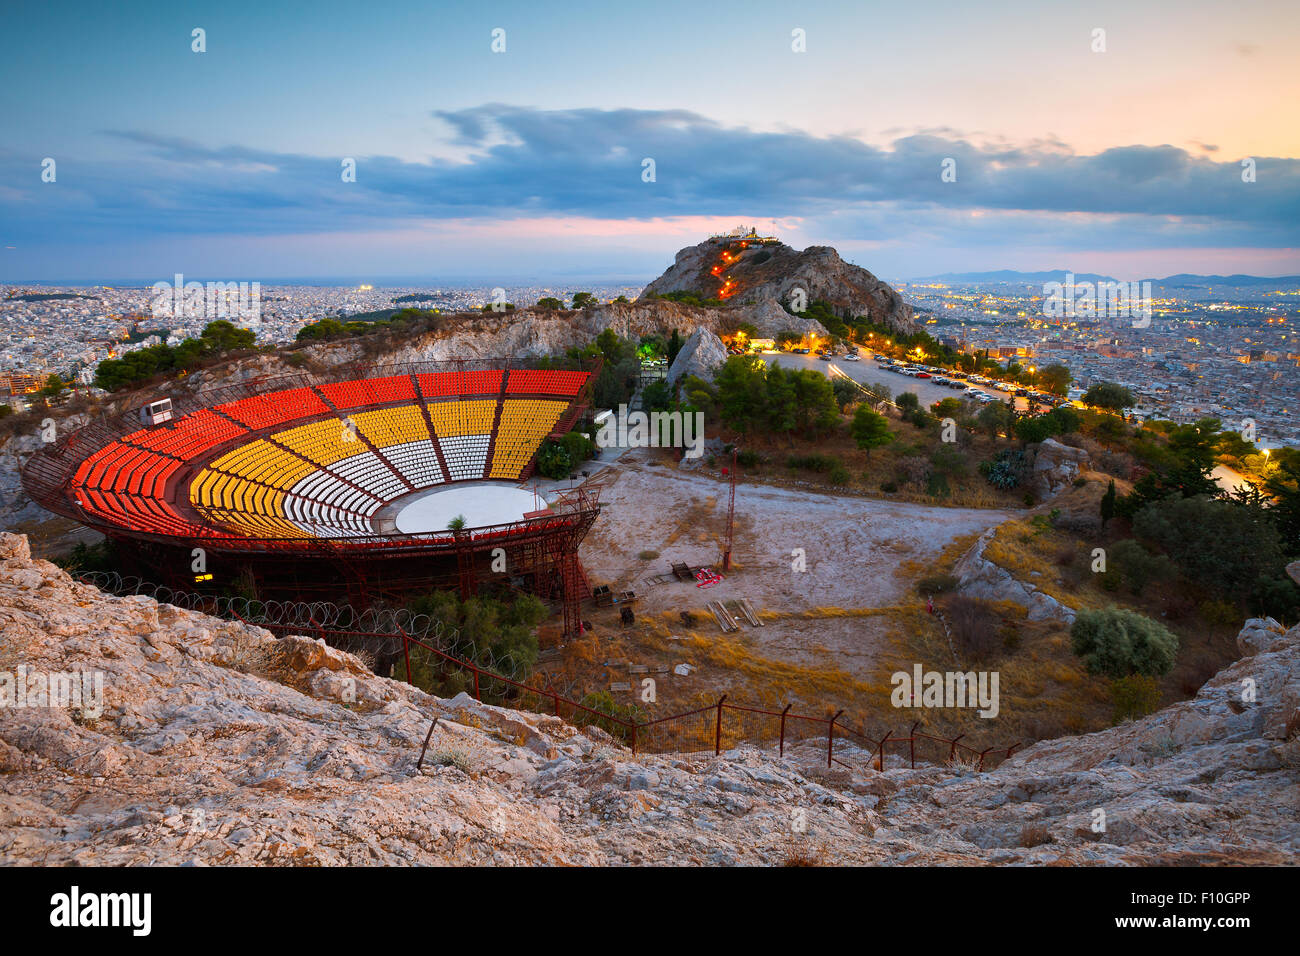 Théâtre en plein air sur la colline Lycabettus à Athènes, Grèce. Photo Stock